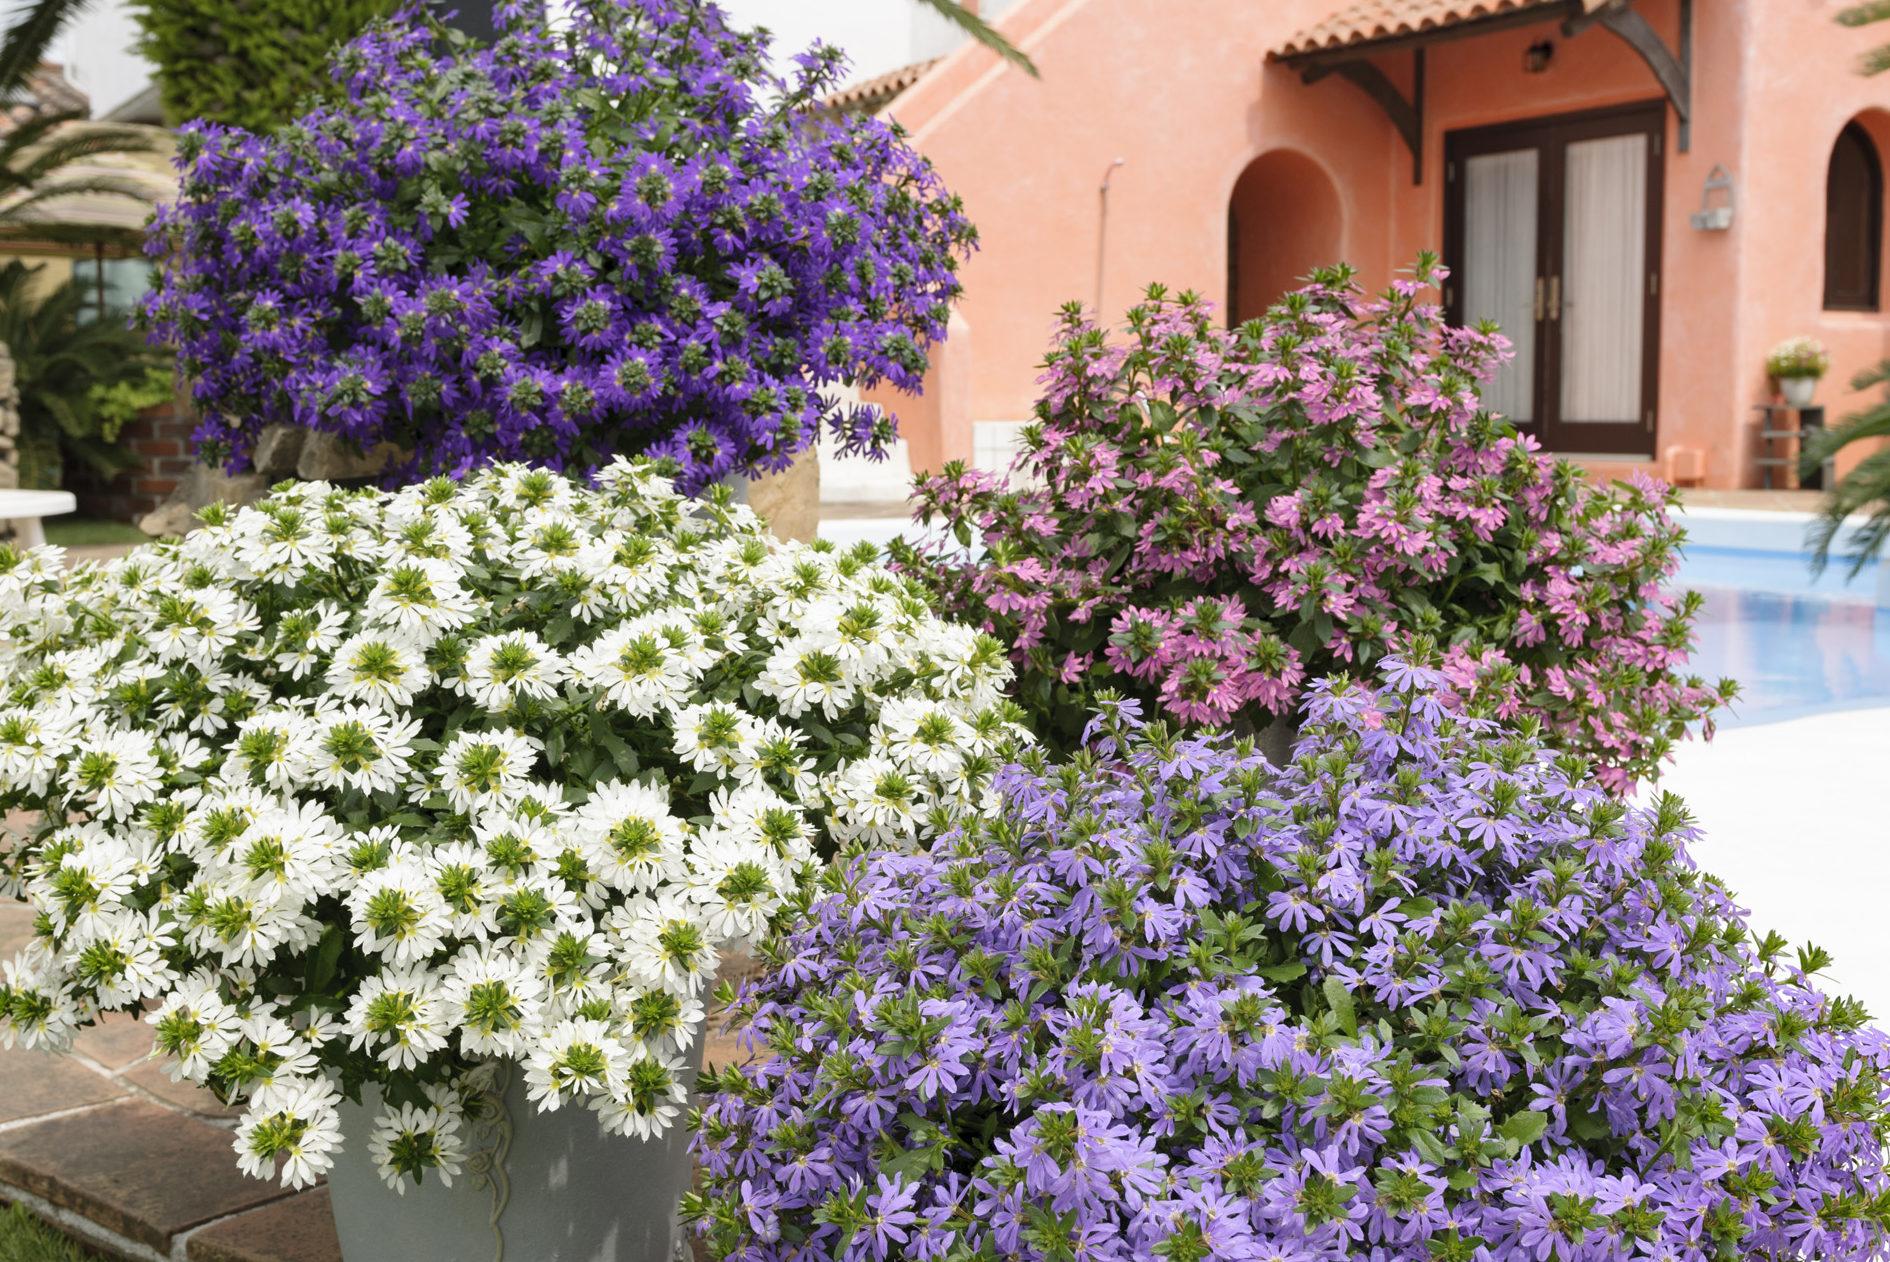 ブルーやホワイト、ピンクと涼しげな色合いがそろうサンク・エールは、暑さに強い夏の新定番です。真夏でも満開が続き、夏を超えて、なんと10月下旬まで花が咲いてくれます! 5月中旬から店頭に並び始めるので、暑さが本格化する前の今の時期に植えておくと、初秋まで長くお花が楽しめますよ♪